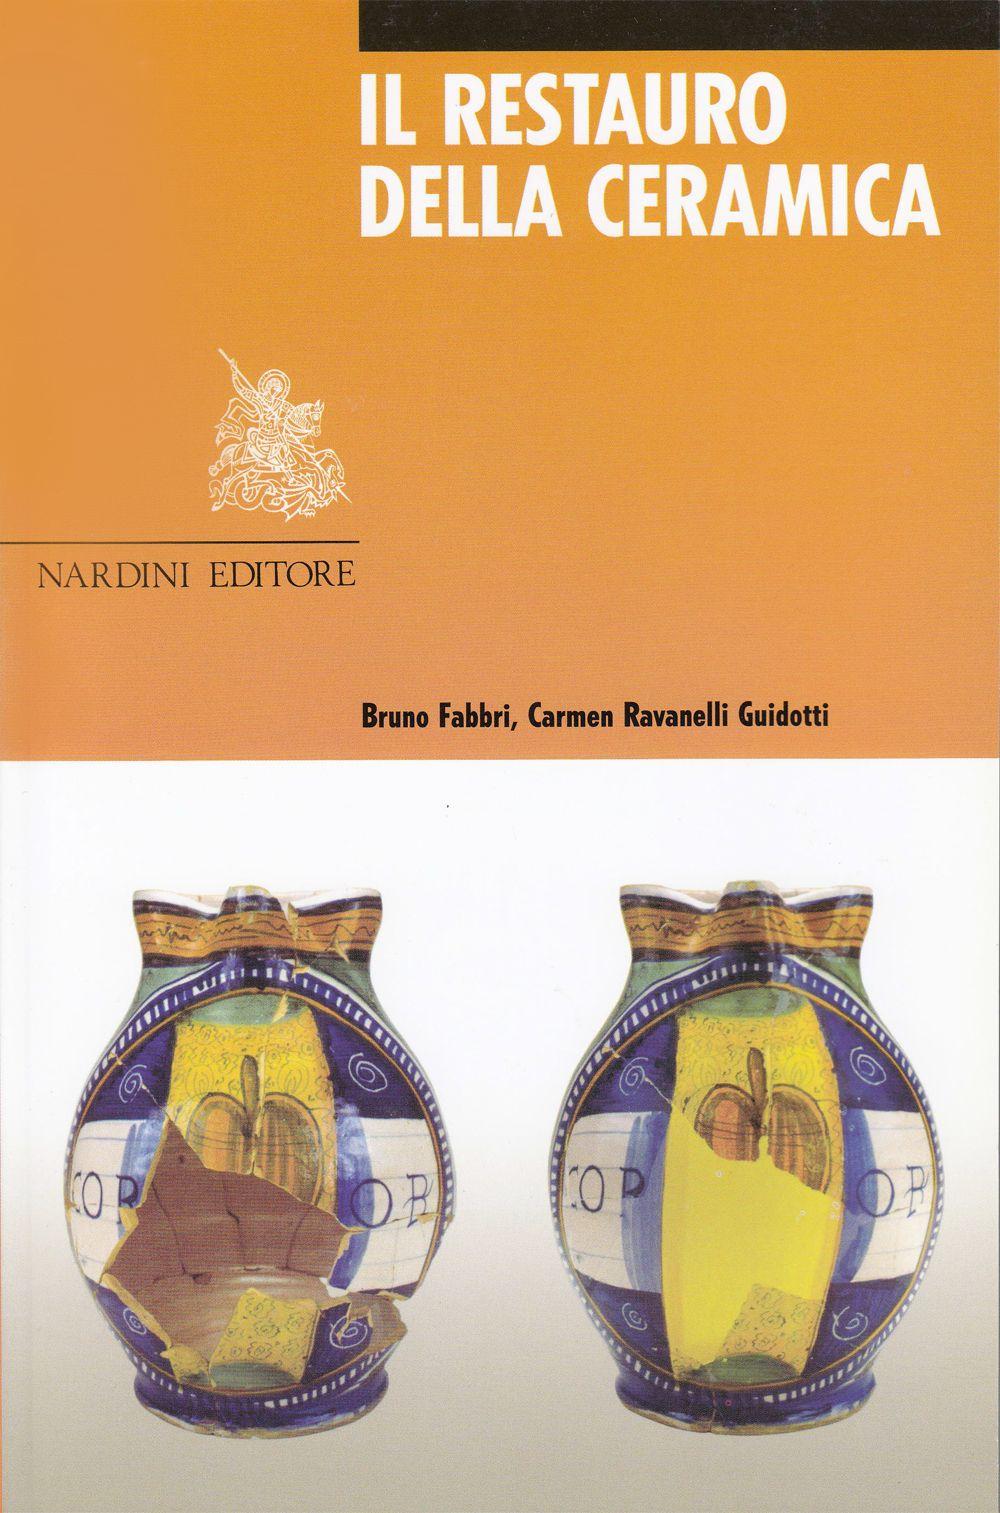 Il Restauro della Ceramica - Nardini Editore